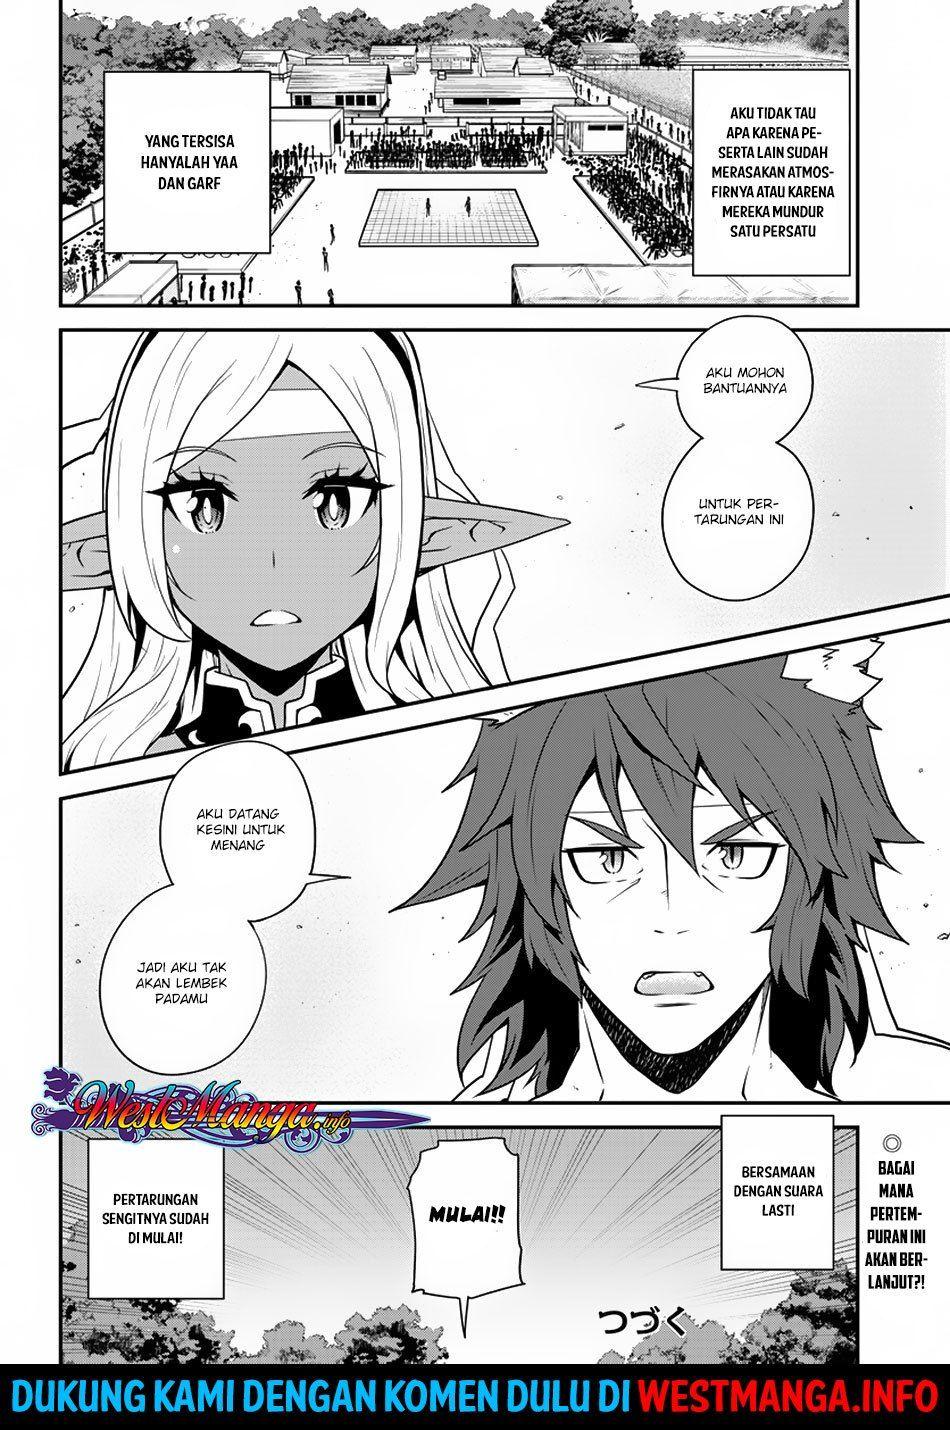 komik Isekai Nonbiri Nouka 72 Komik manga, Baca manga, Manga